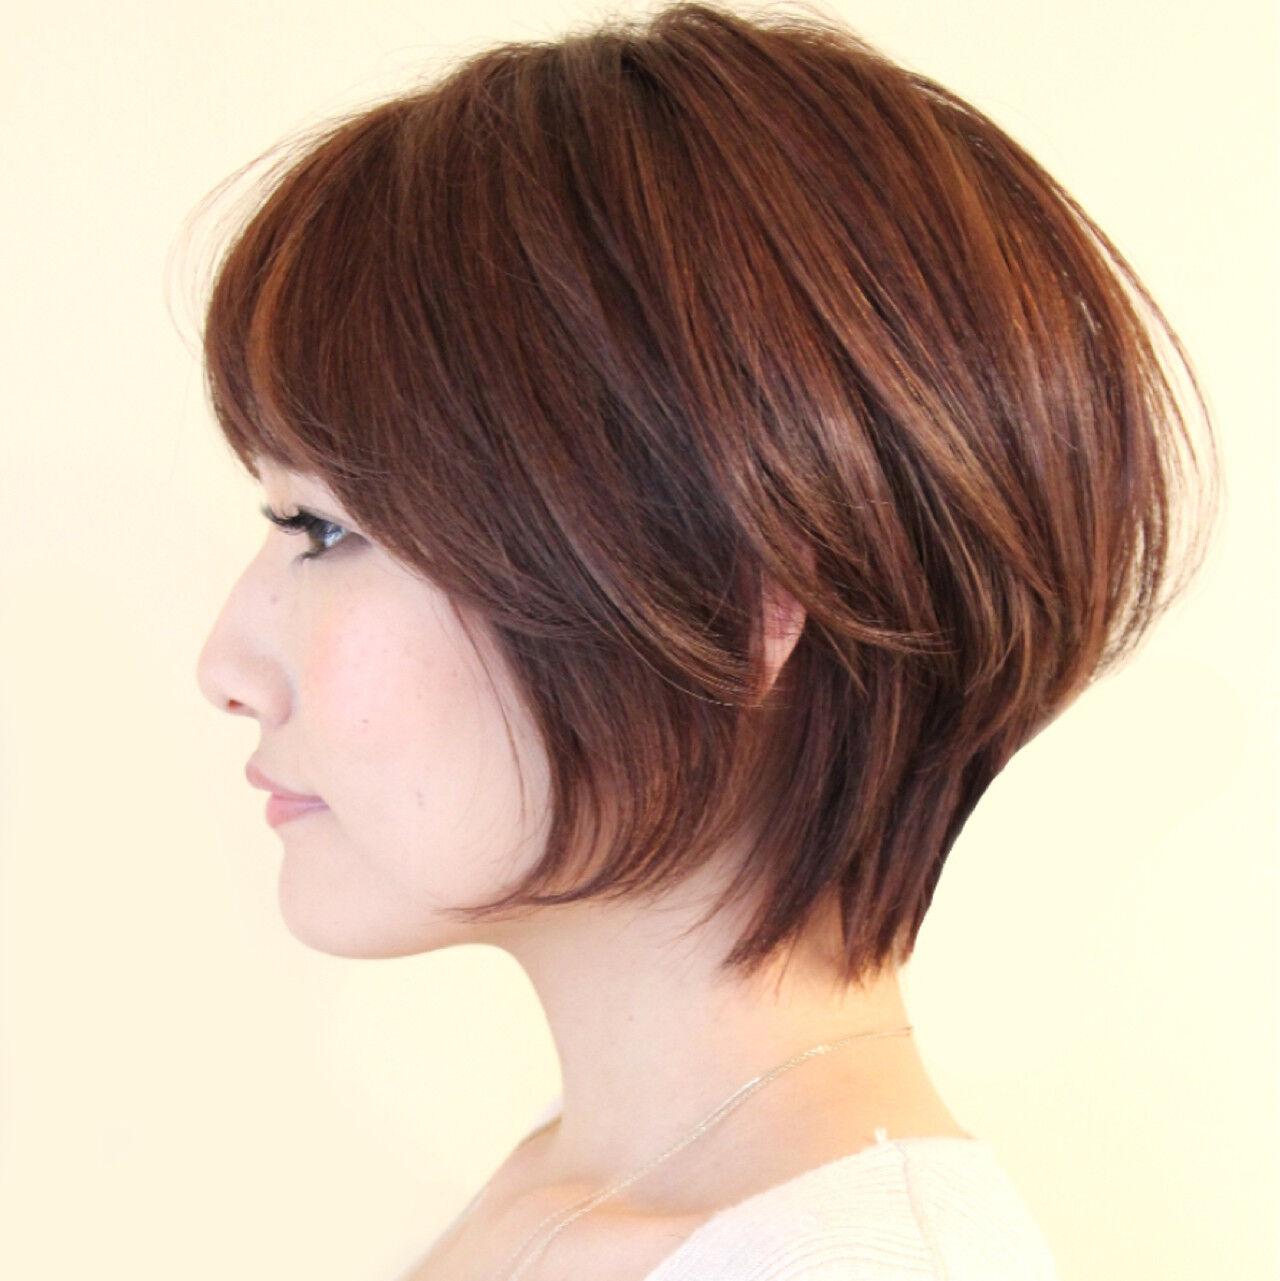 アッシュ 大人女子 小顔 前髪ありヘアスタイルや髪型の写真・画像